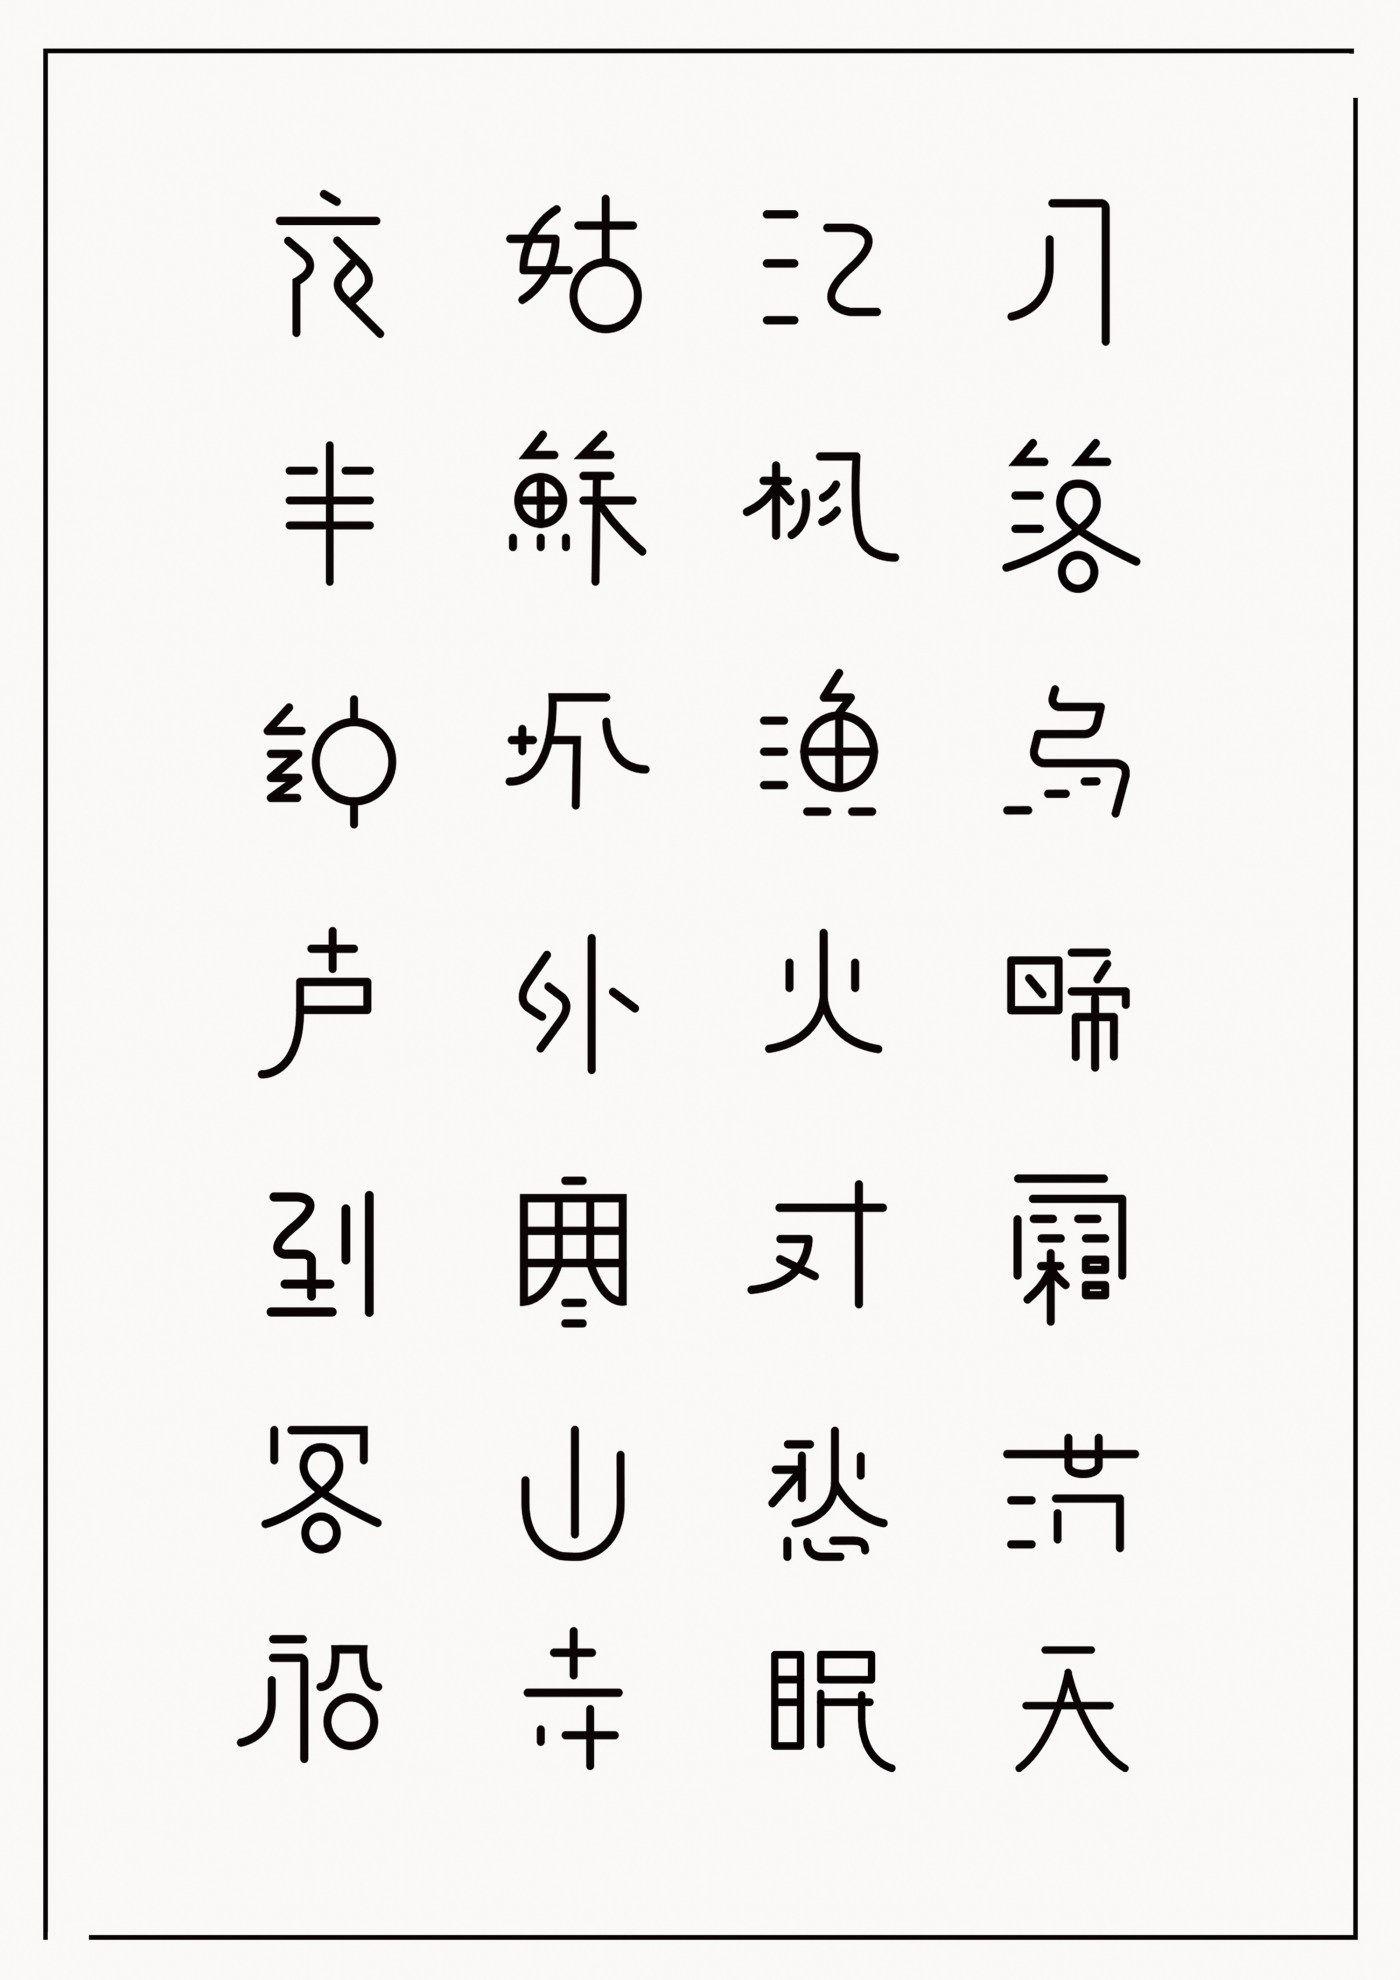 莊岩的 遊園體字體設計 漢字の書体 テキストデザイン レタリングデザイン